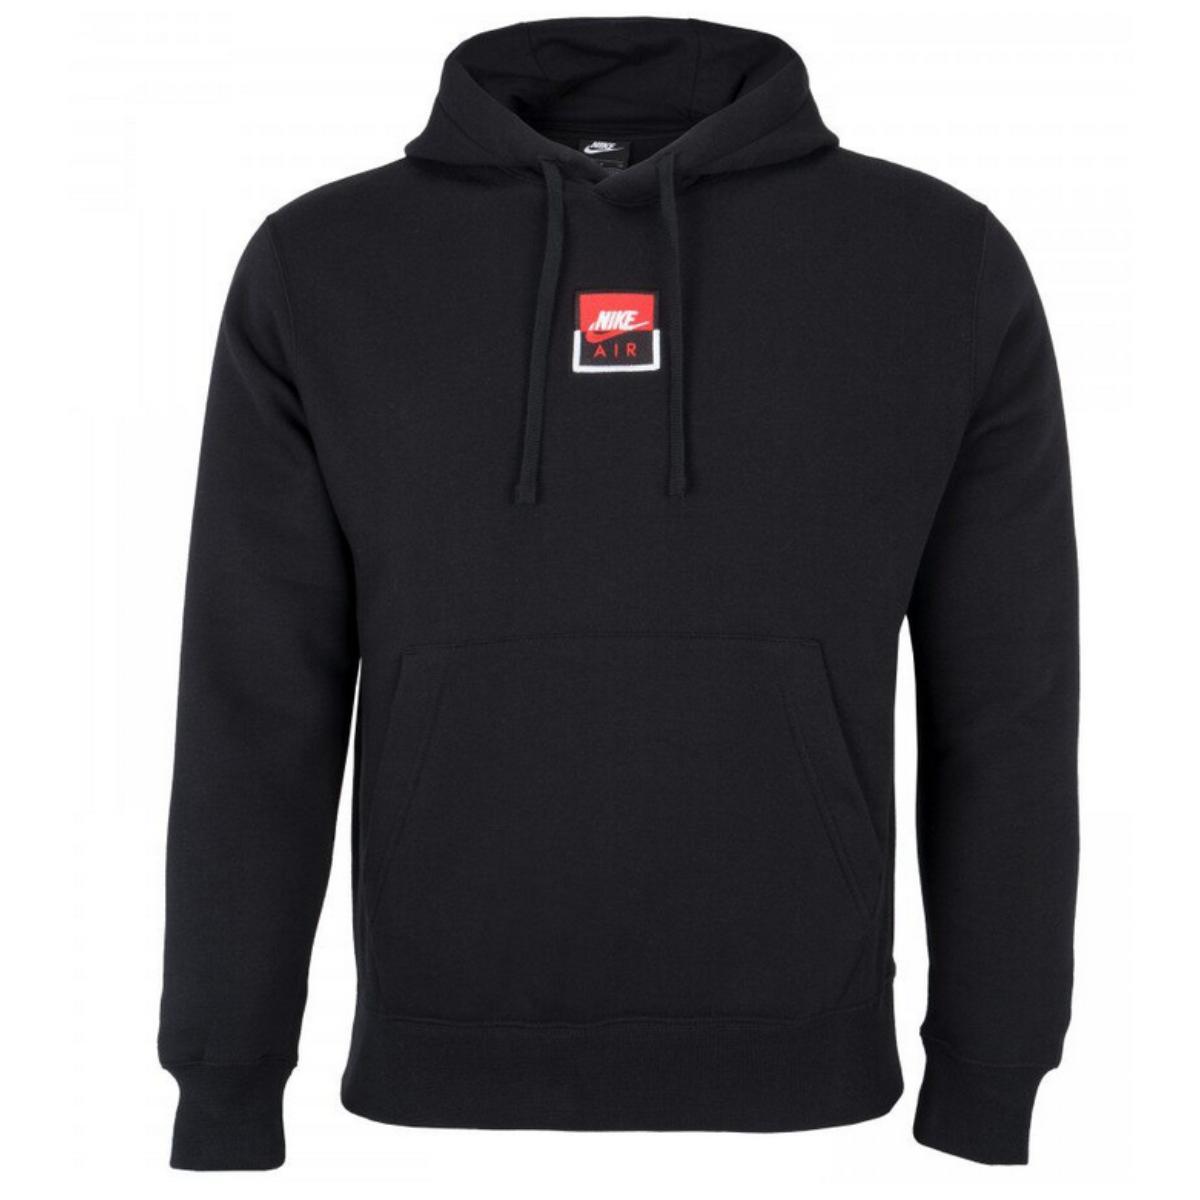 Blusão Masculino Nike Ct7172-010 Nsw po Hoodie Air Ssnl Preto